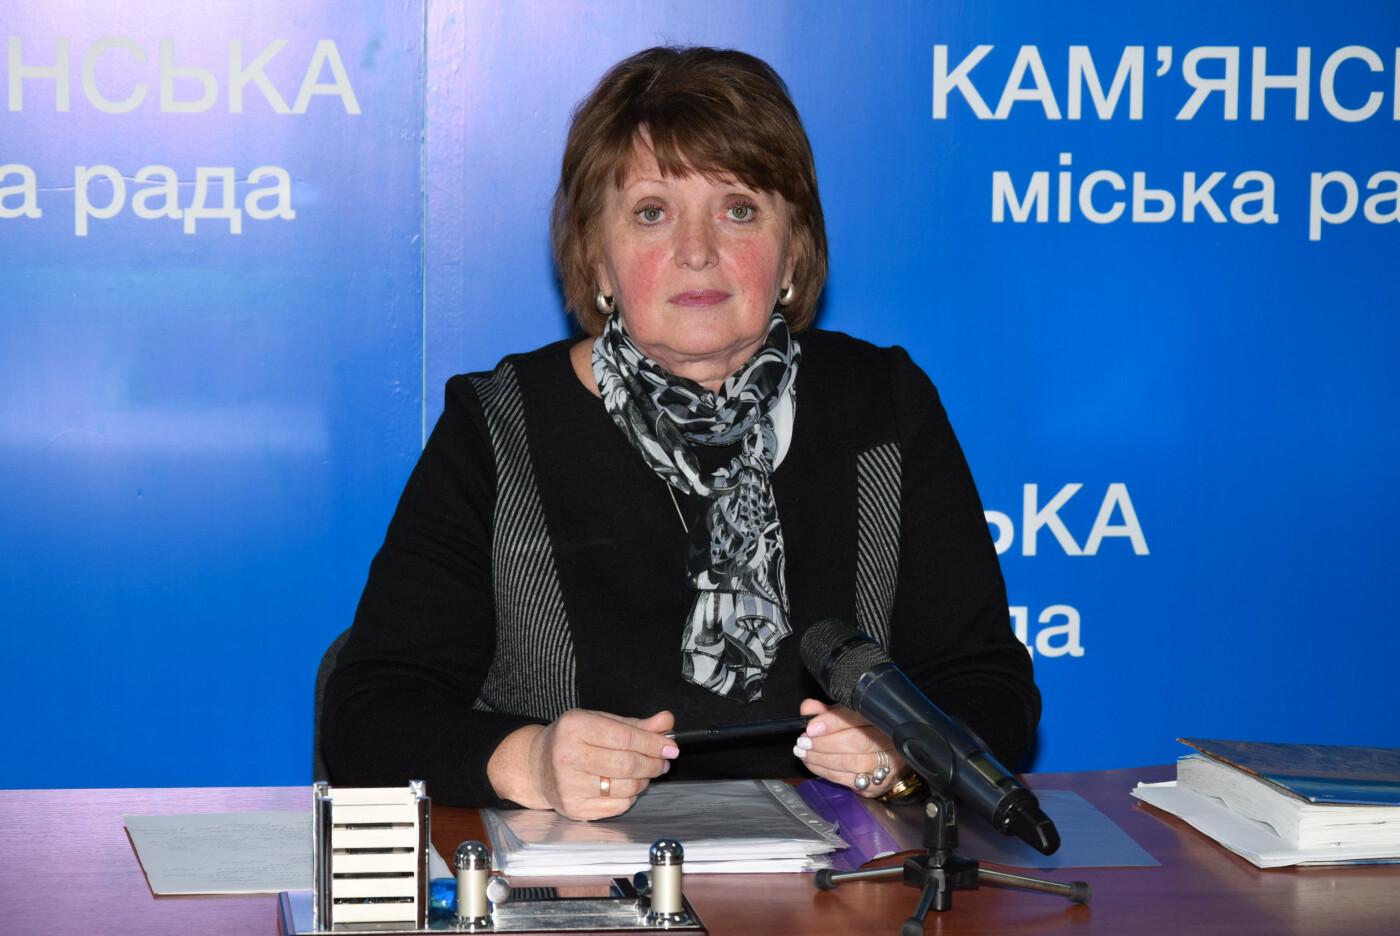 Достижения и приоритеты: Татьяна Онищенко рассказала об образовании в Каменском, фото-1